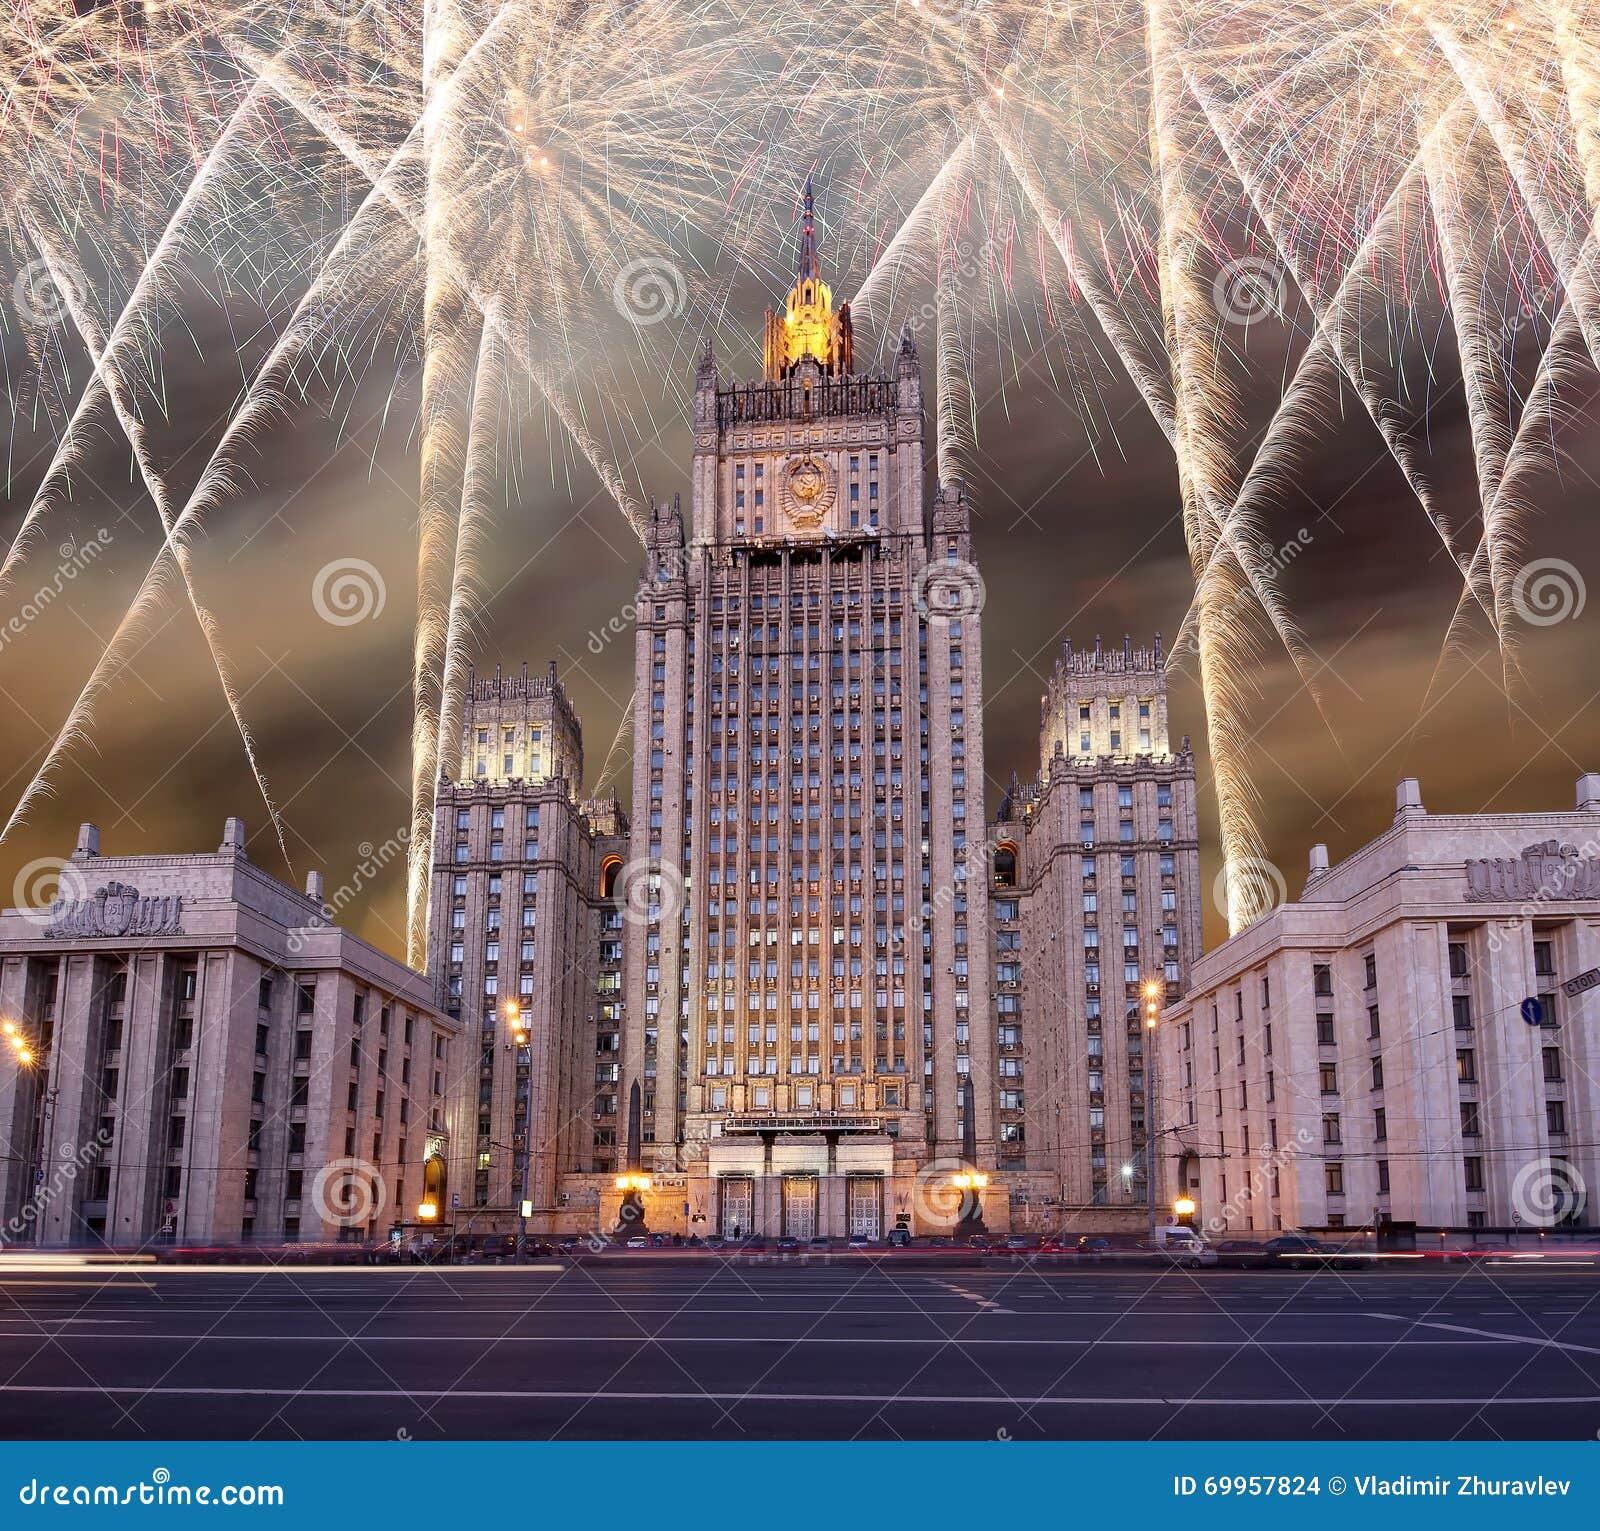 El Ministerio de Asuntos Exteriores de la Federación Rusa y de los fuegos artificiales, Moscú, Rusia